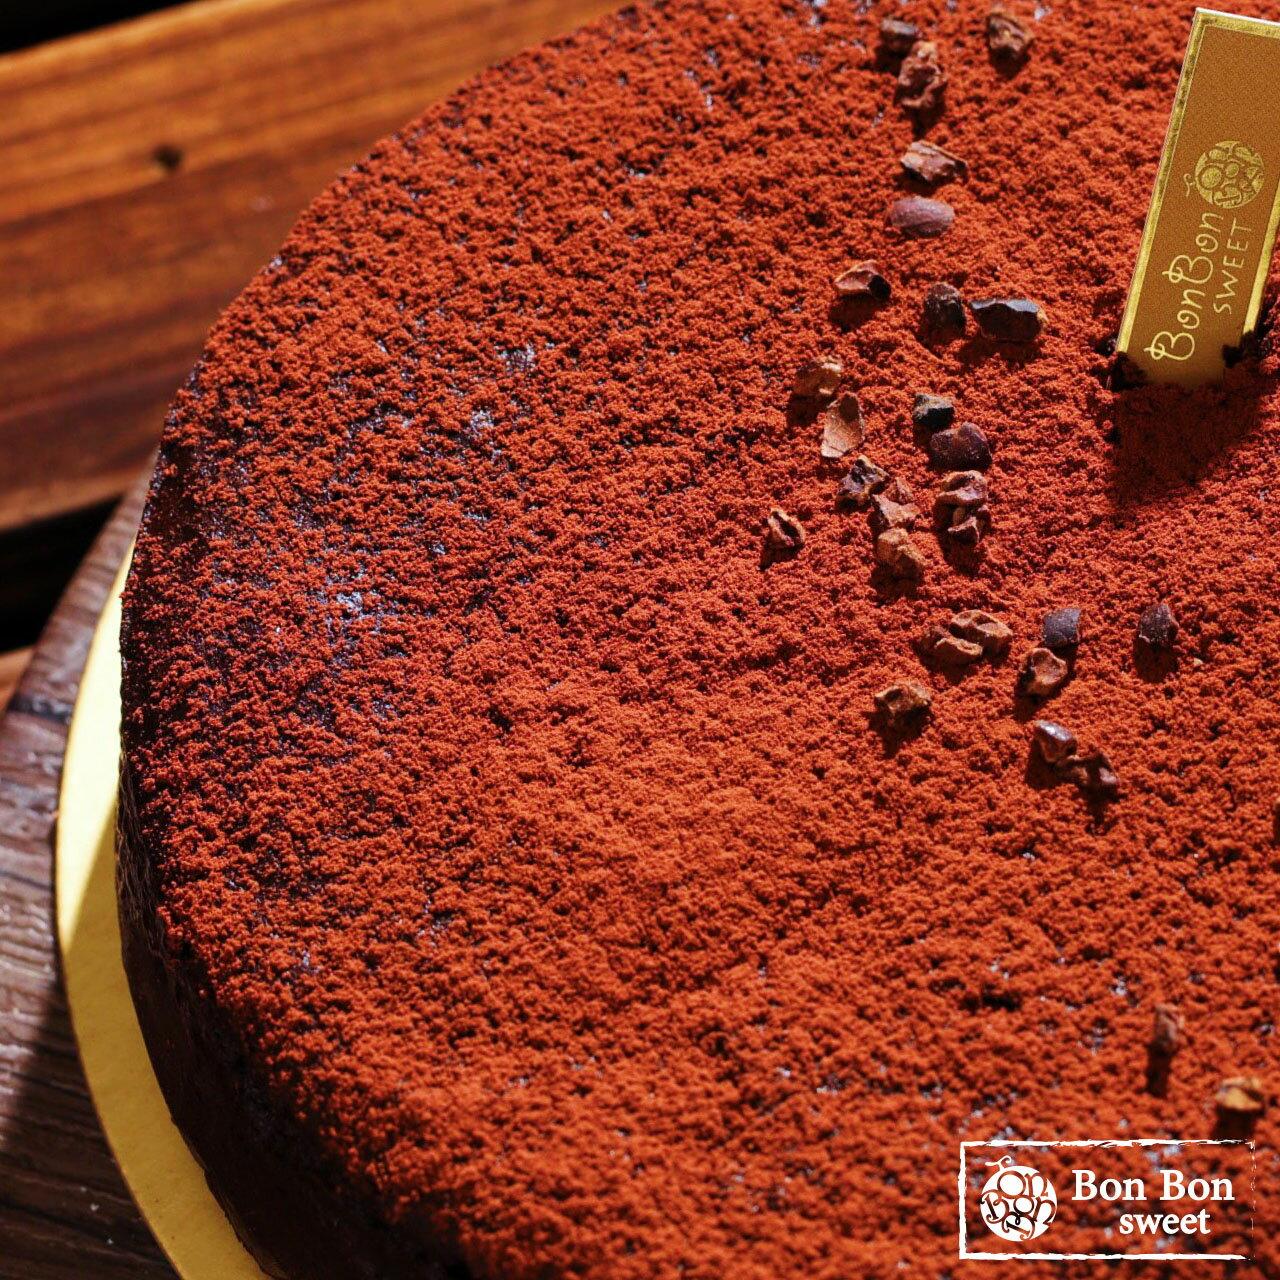 古典莊園巧克力蛋糕/巧克力控千萬不能錯過!- 6吋 0